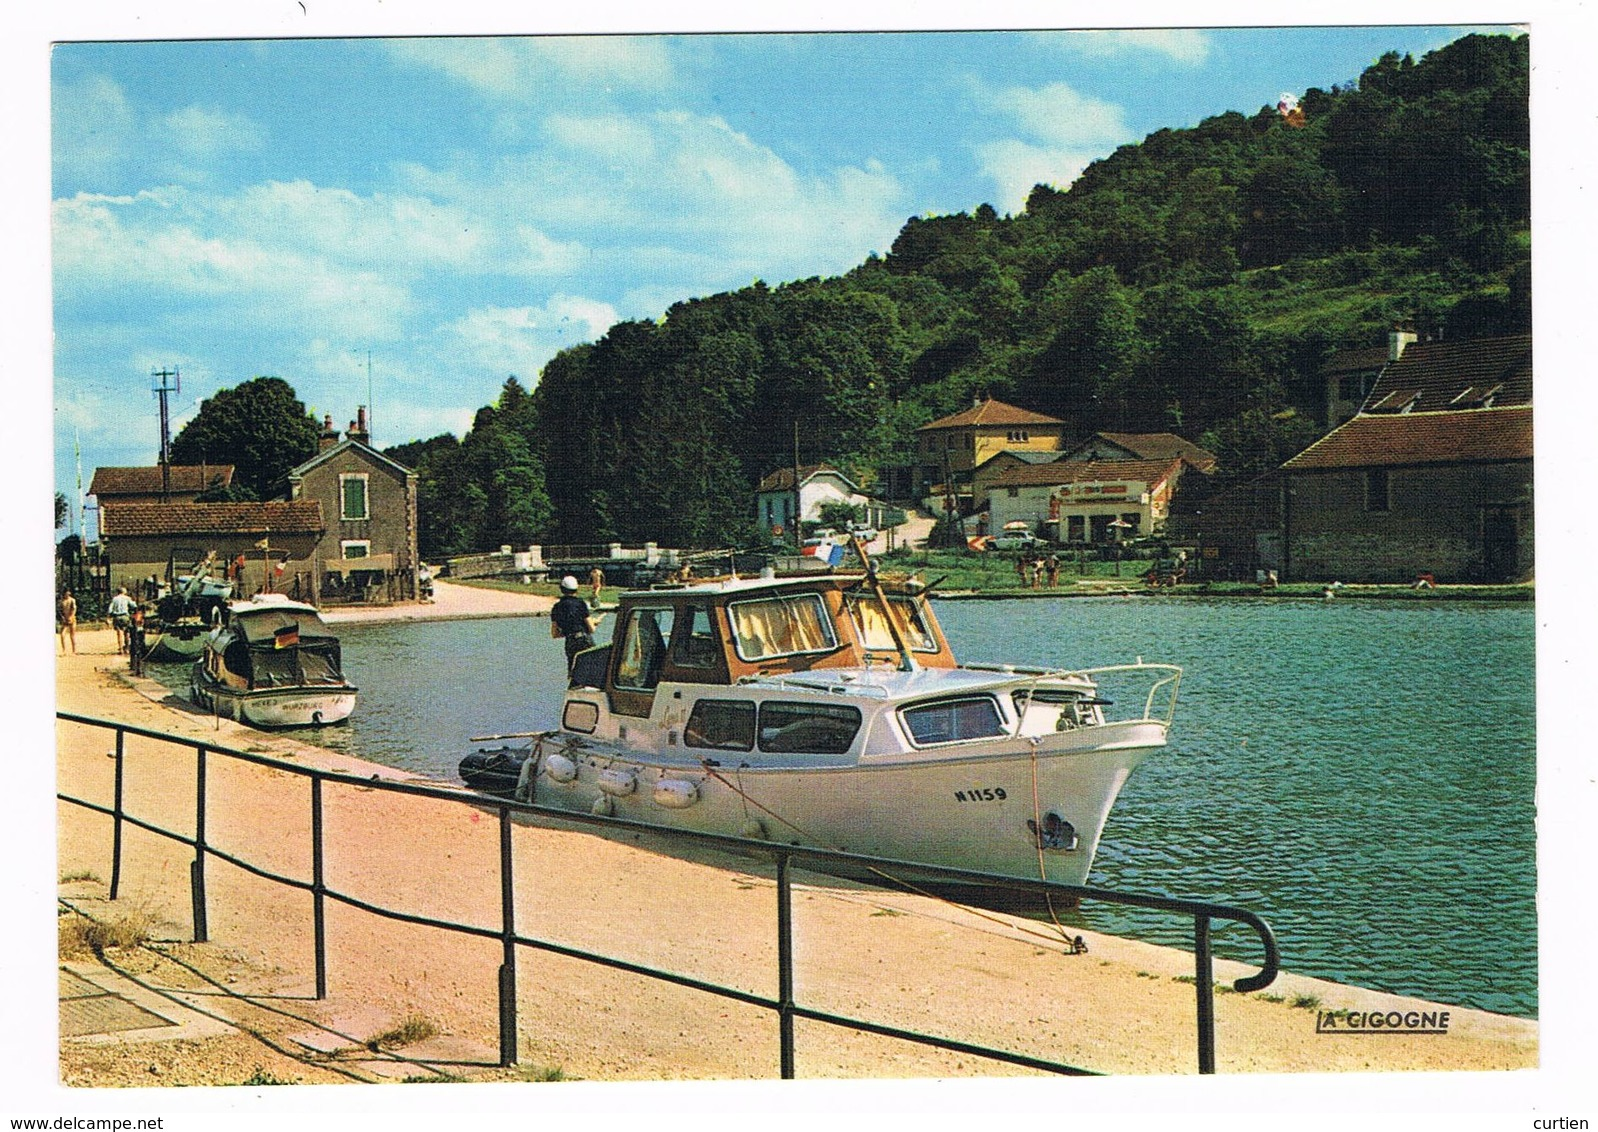 PLOMBIERES Les DIJON  21  Le Port Du Canal Avec Bateau - France